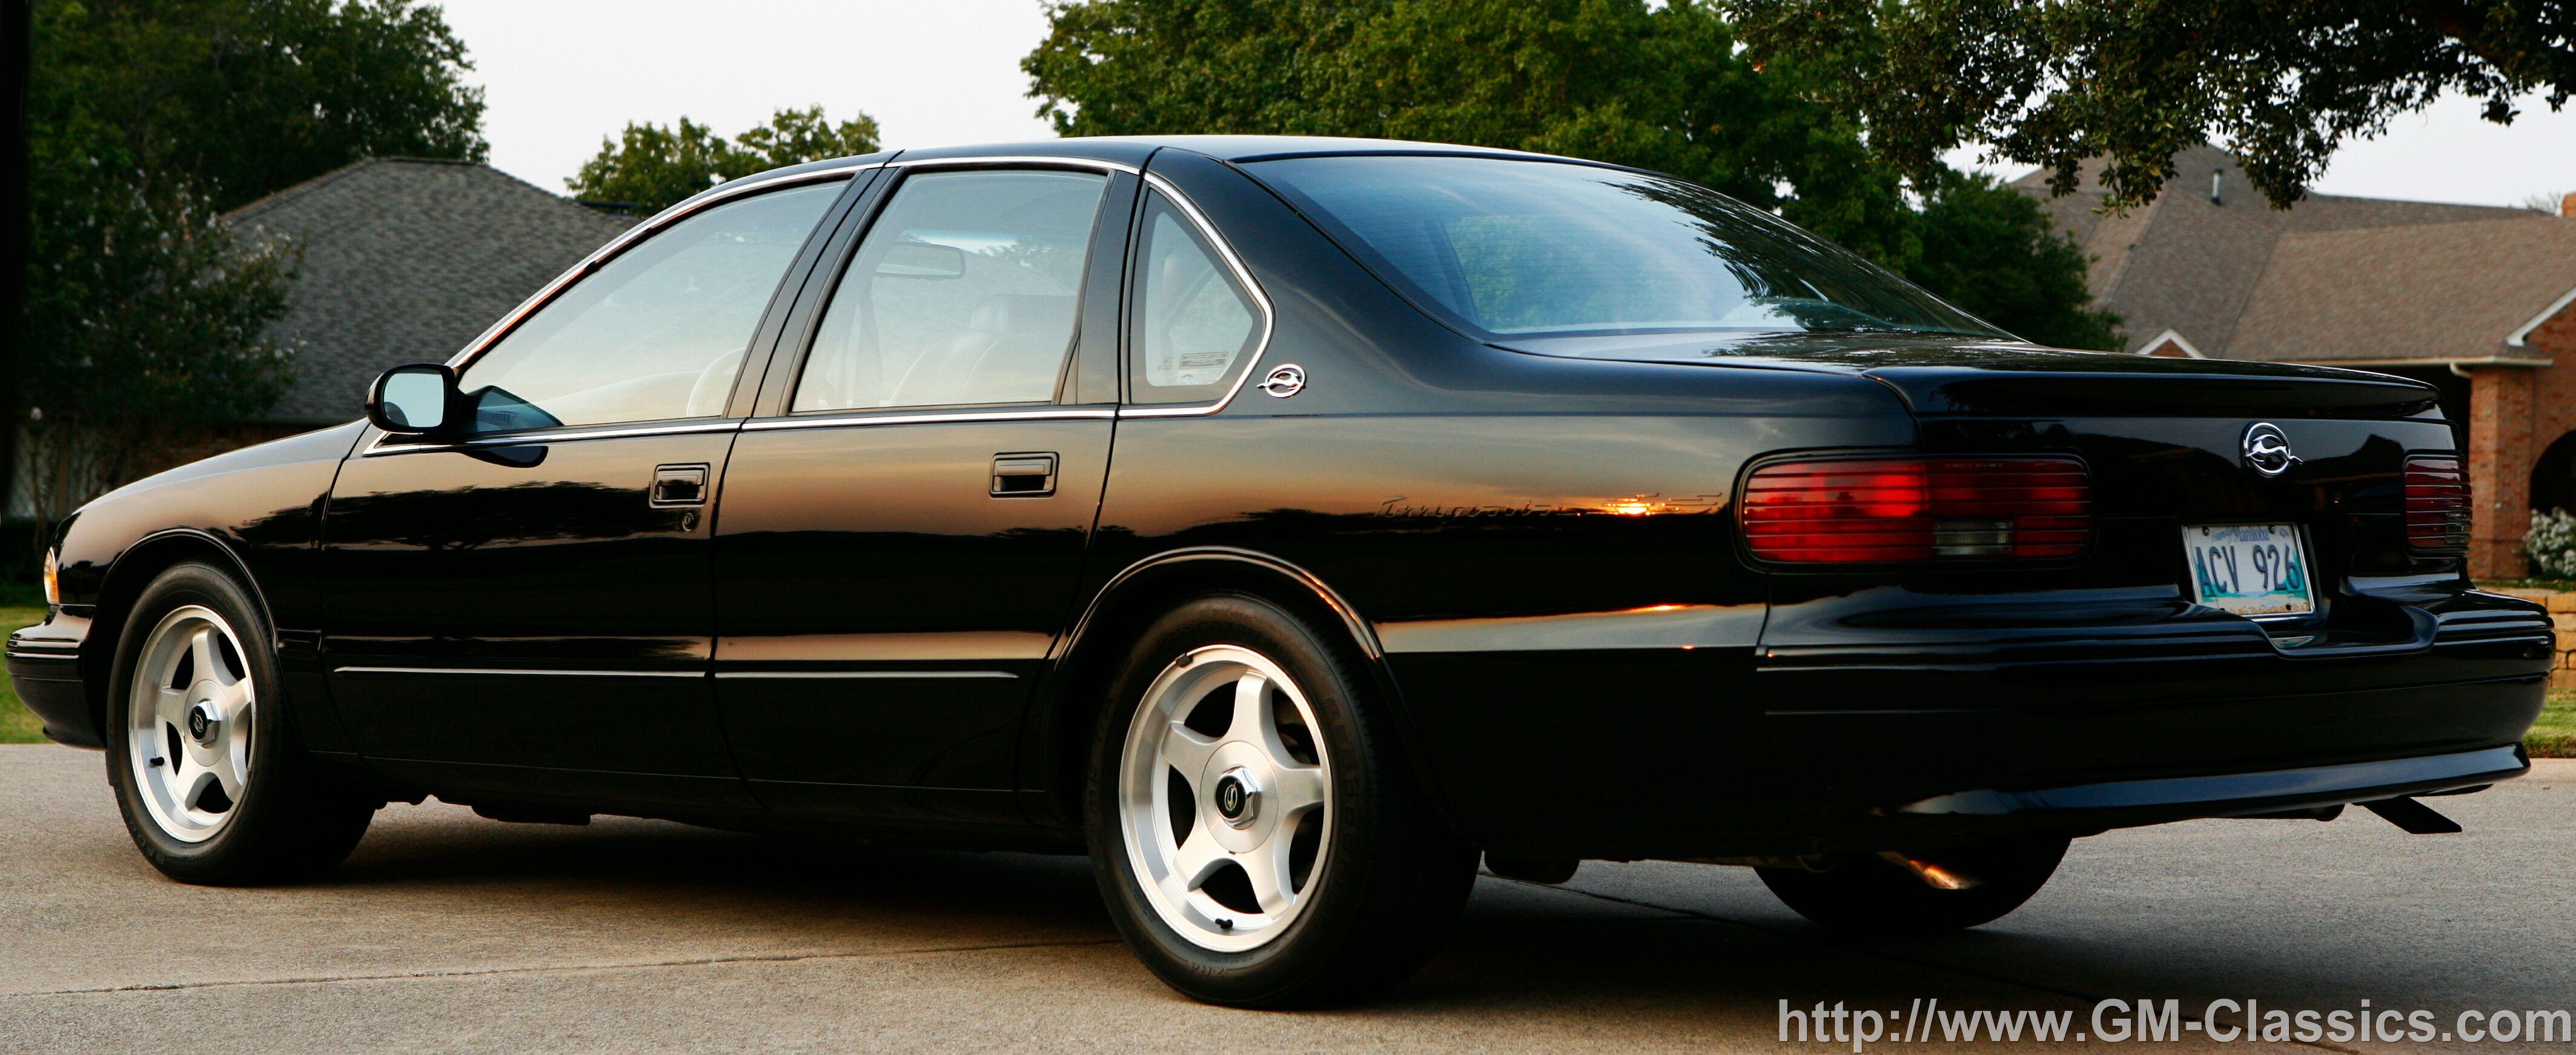 1996 Impala Ss Matt Garrett Wiring Diagram For 96